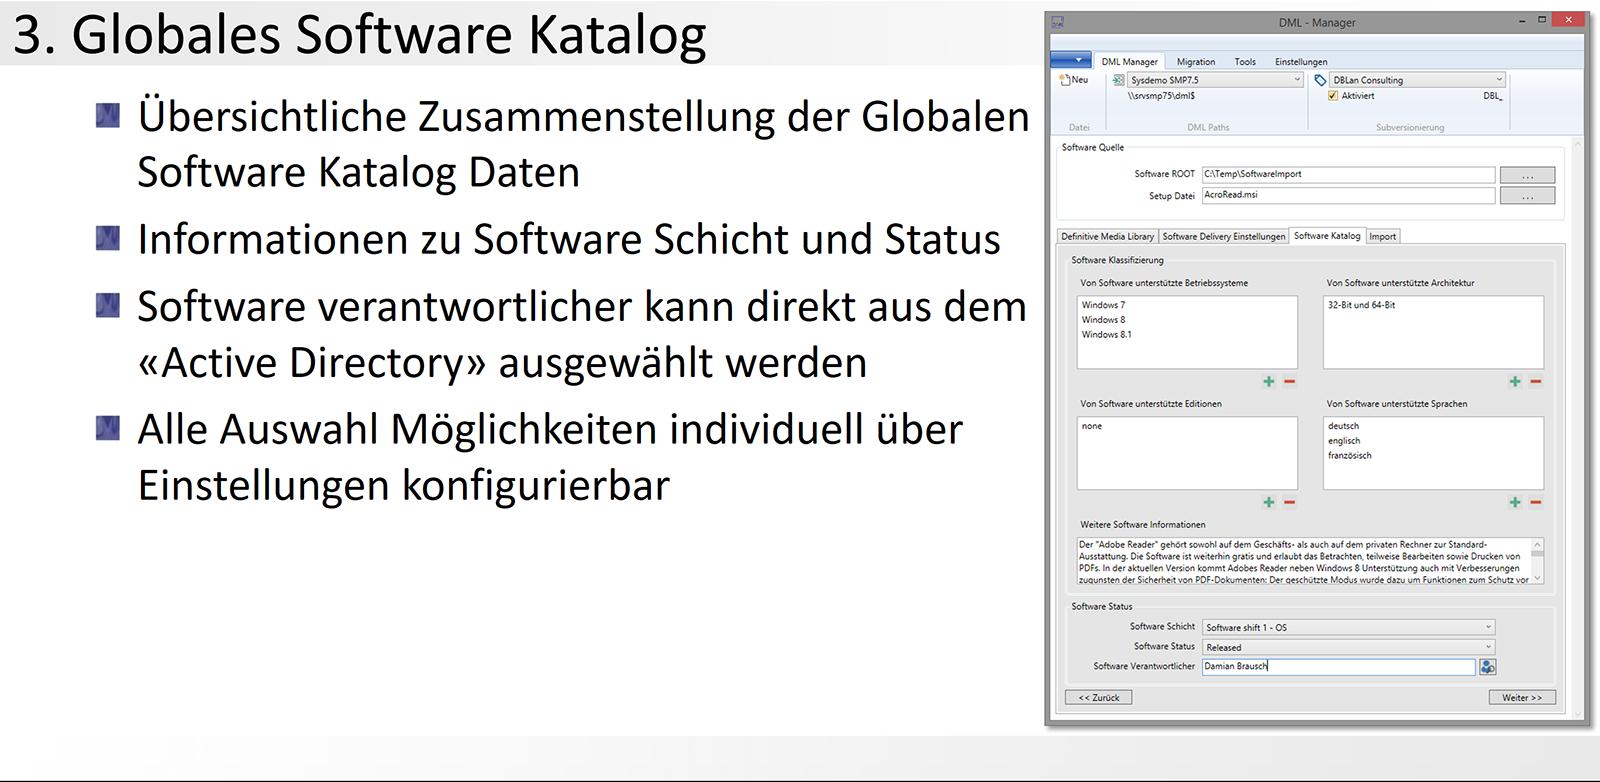 3. DML-Manager - Globales Software Katalog